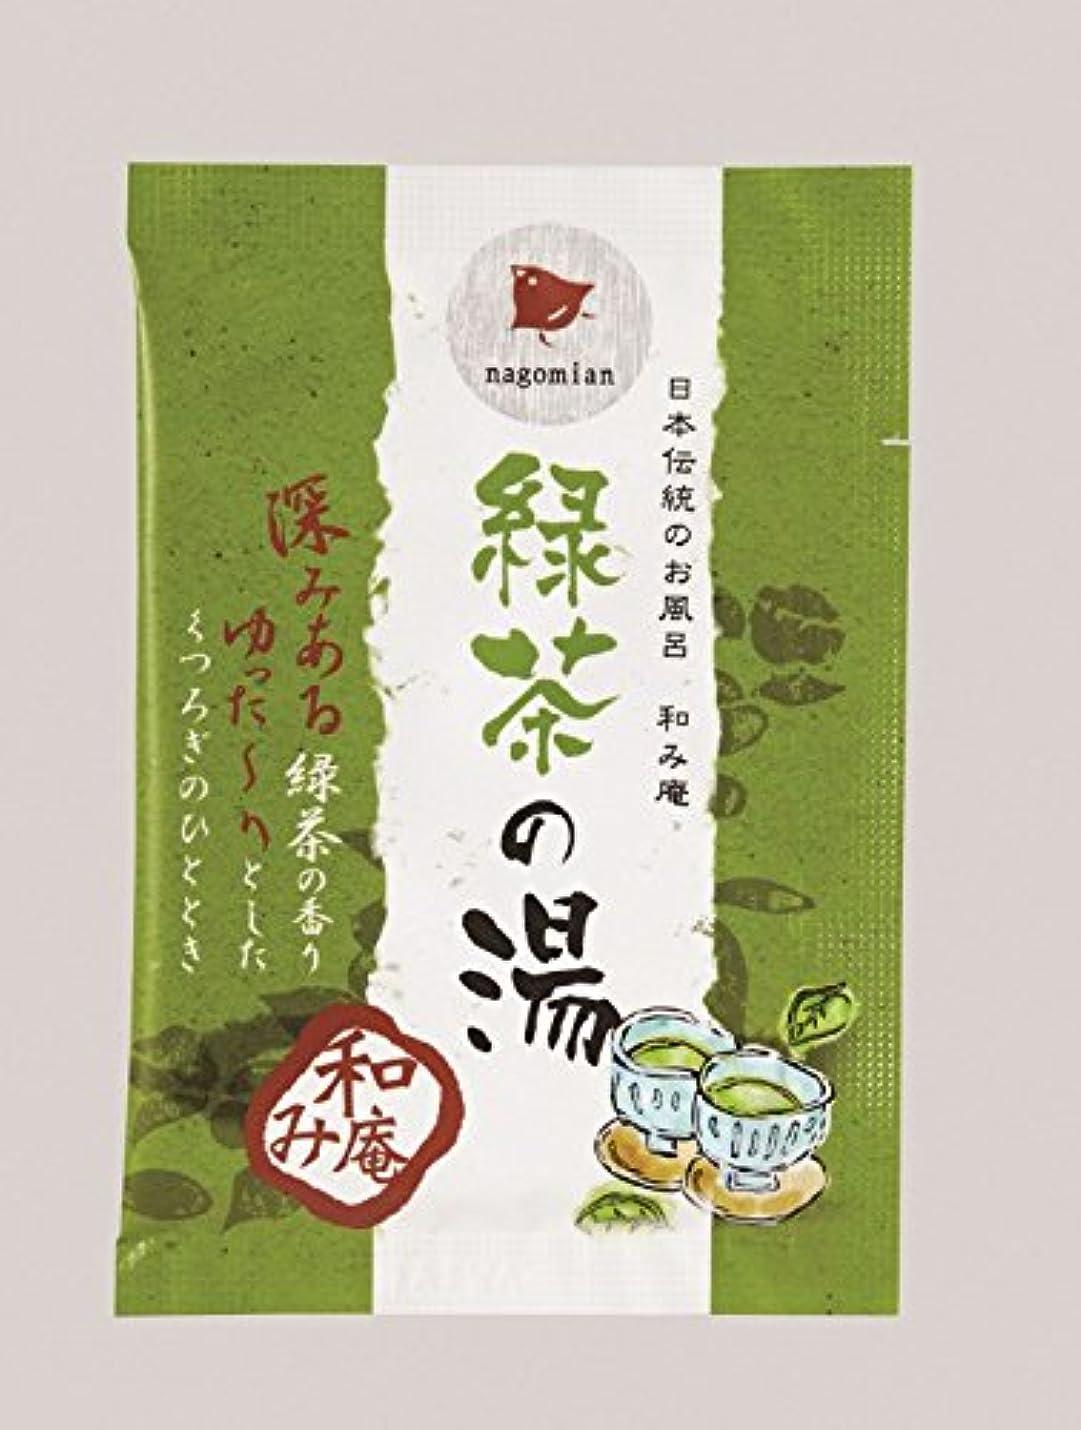 大惨事混乱オンス入浴剤 和み庵(緑茶の湯)25g ケース 200個入り